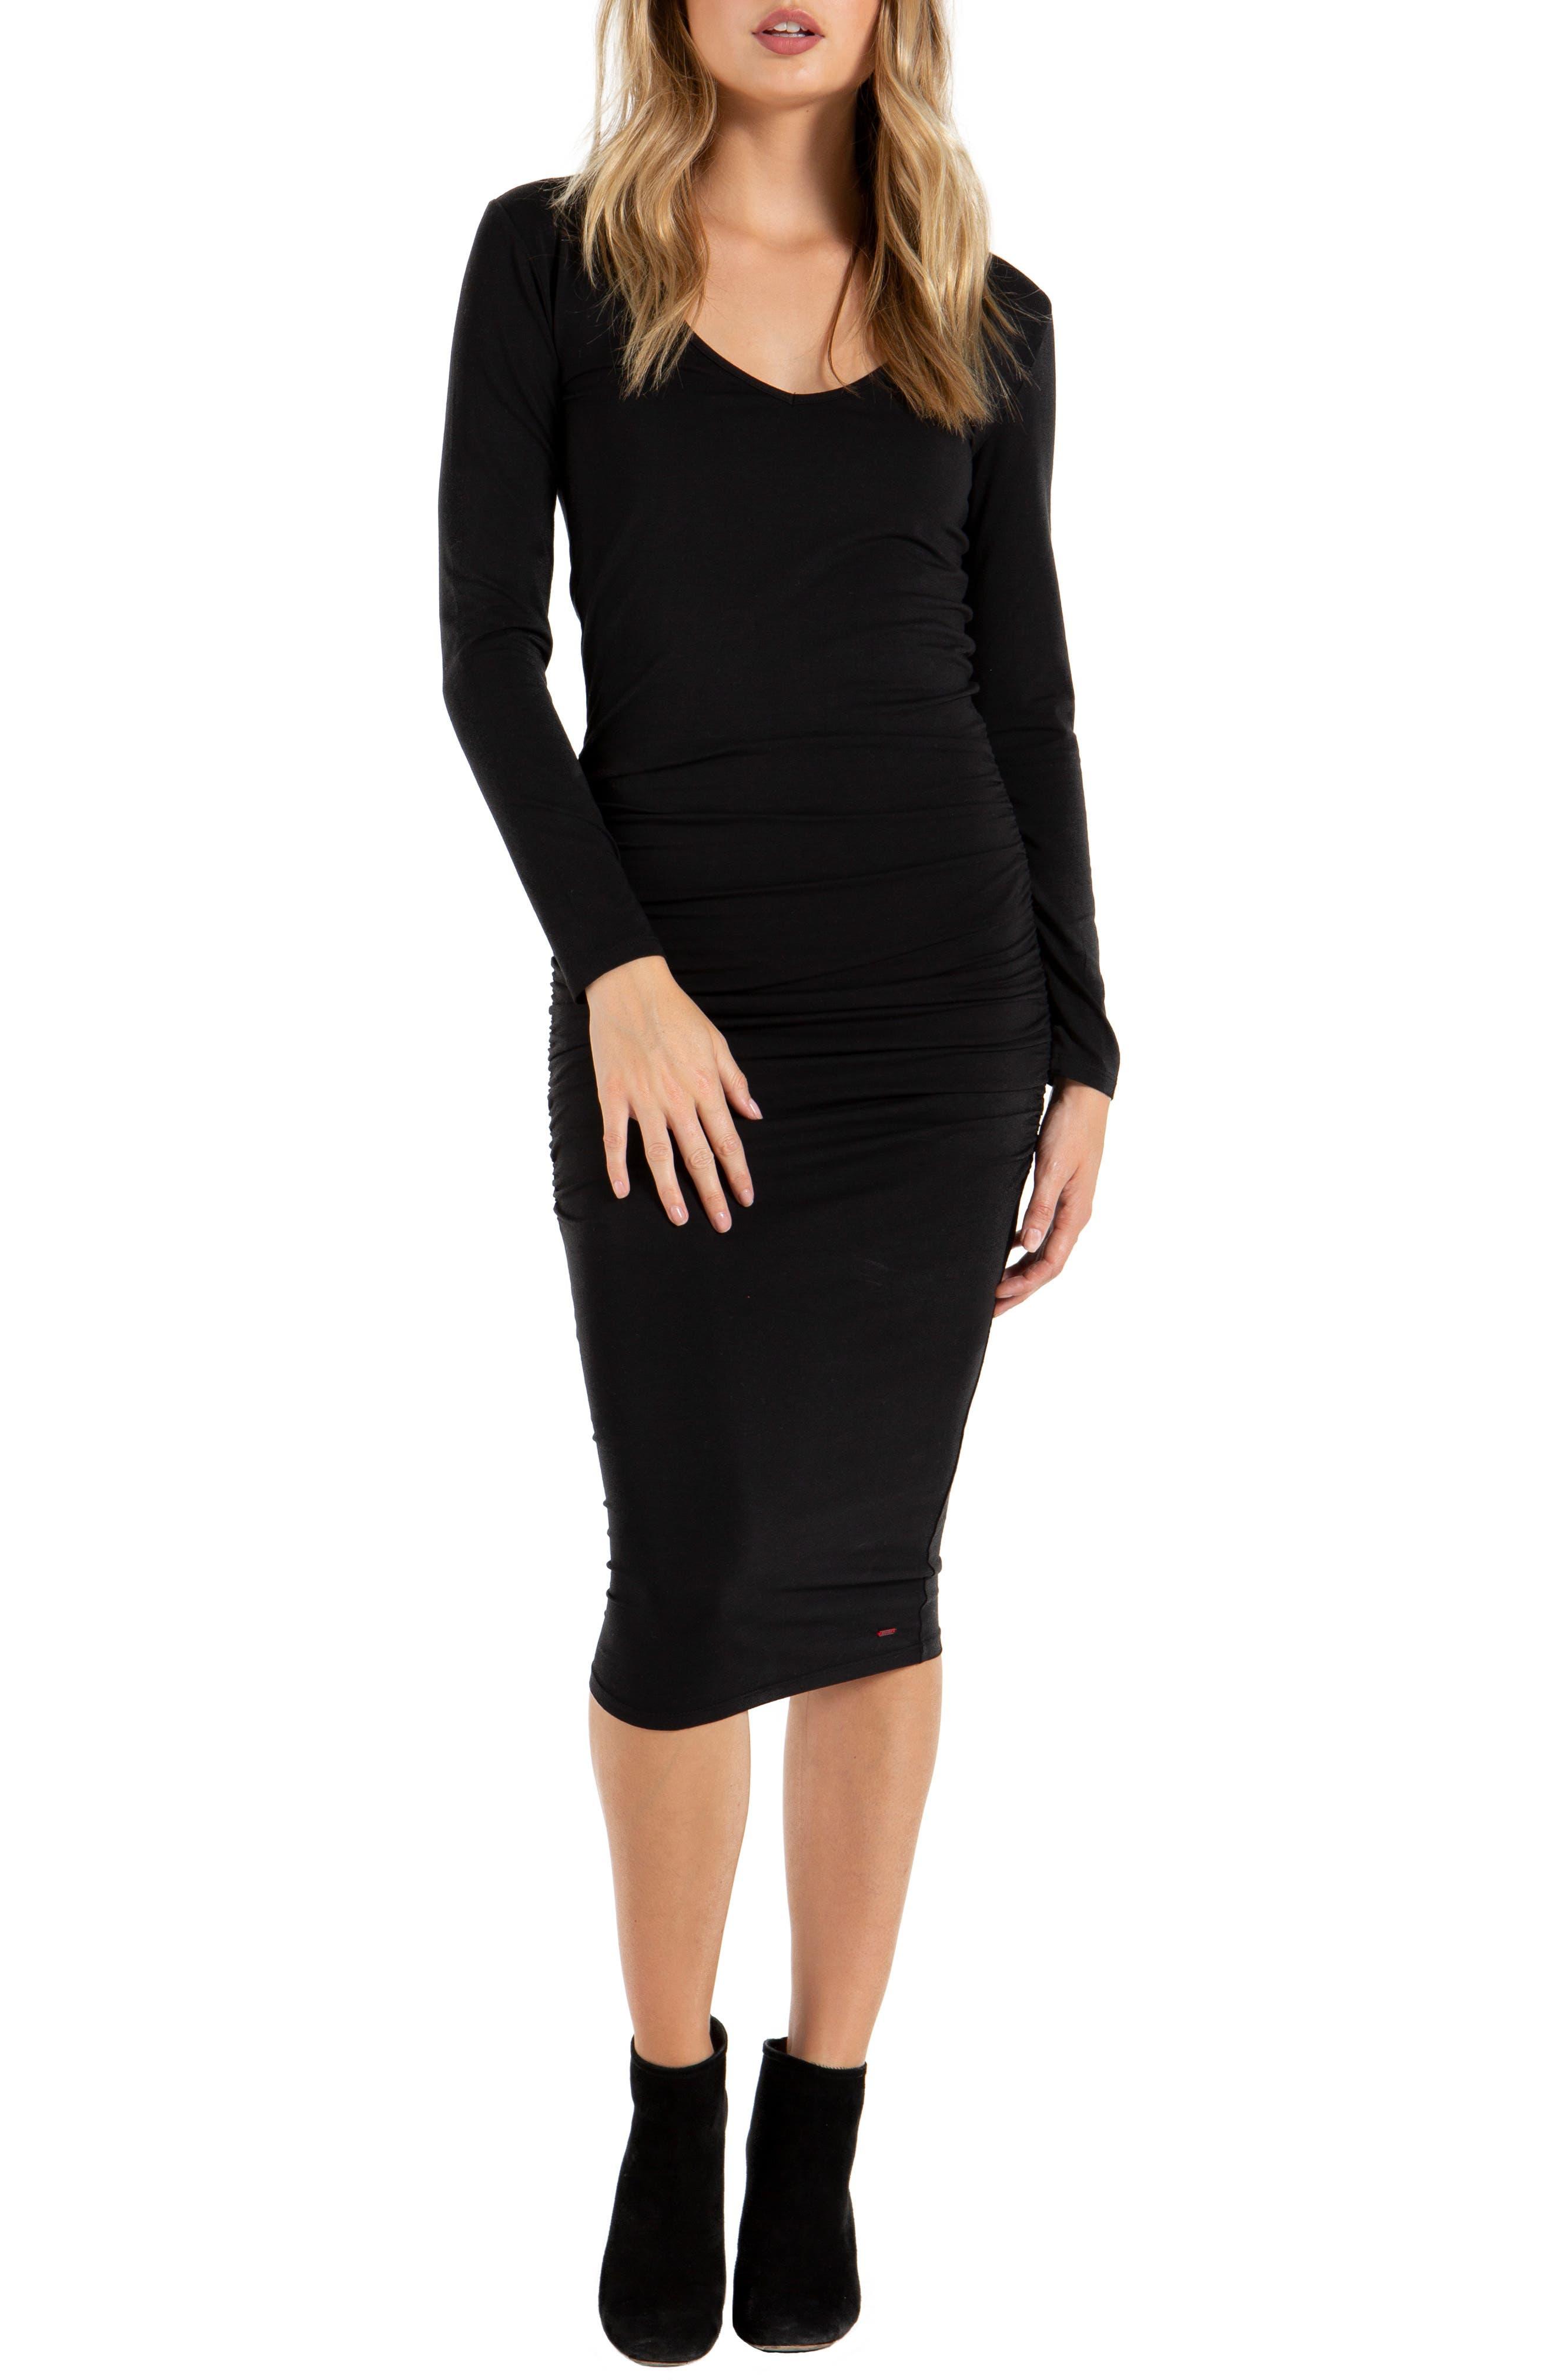 N:PHILANTHROPY Lotus Midi Dress in Black Cat